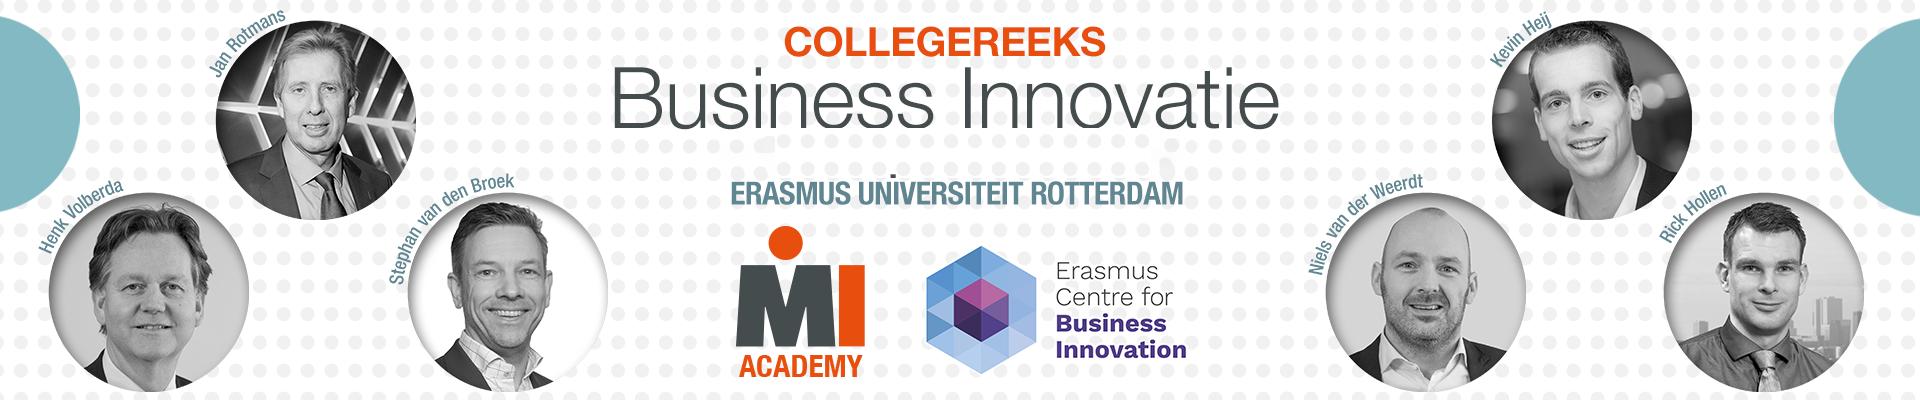 Collegereeks Business Innovatie